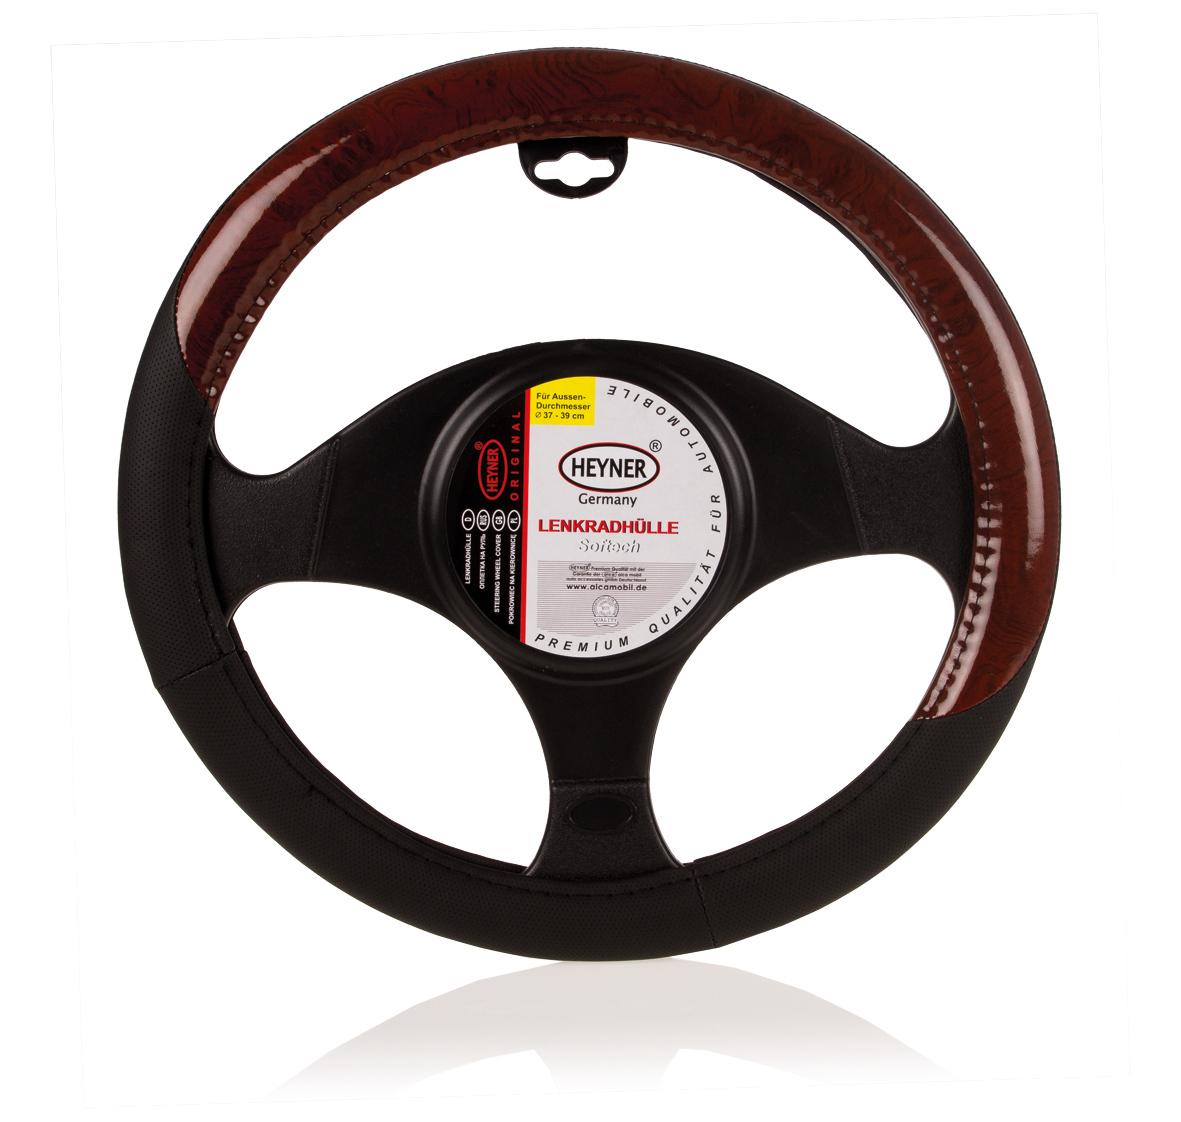 Чехол на руль Heyner, диаметр 37-39 см. 604000604000Чехол на руль Heyner изготовлен из высококачественной, приятной на ощупь натуральной кожи, которая обеспечивает комфортное соприкосновение рук водителя с рулем. Имея стандартный размер, подходит для большинства иностранных автомобилей и отечественных моделей. Чехол легко устанавливается на рулевое колесо автомобиля, защищает его от потертостей и загрязнений. Чехол на руль Heyner позволит сделать интерьер автомобиля более выразительным и комфортным.